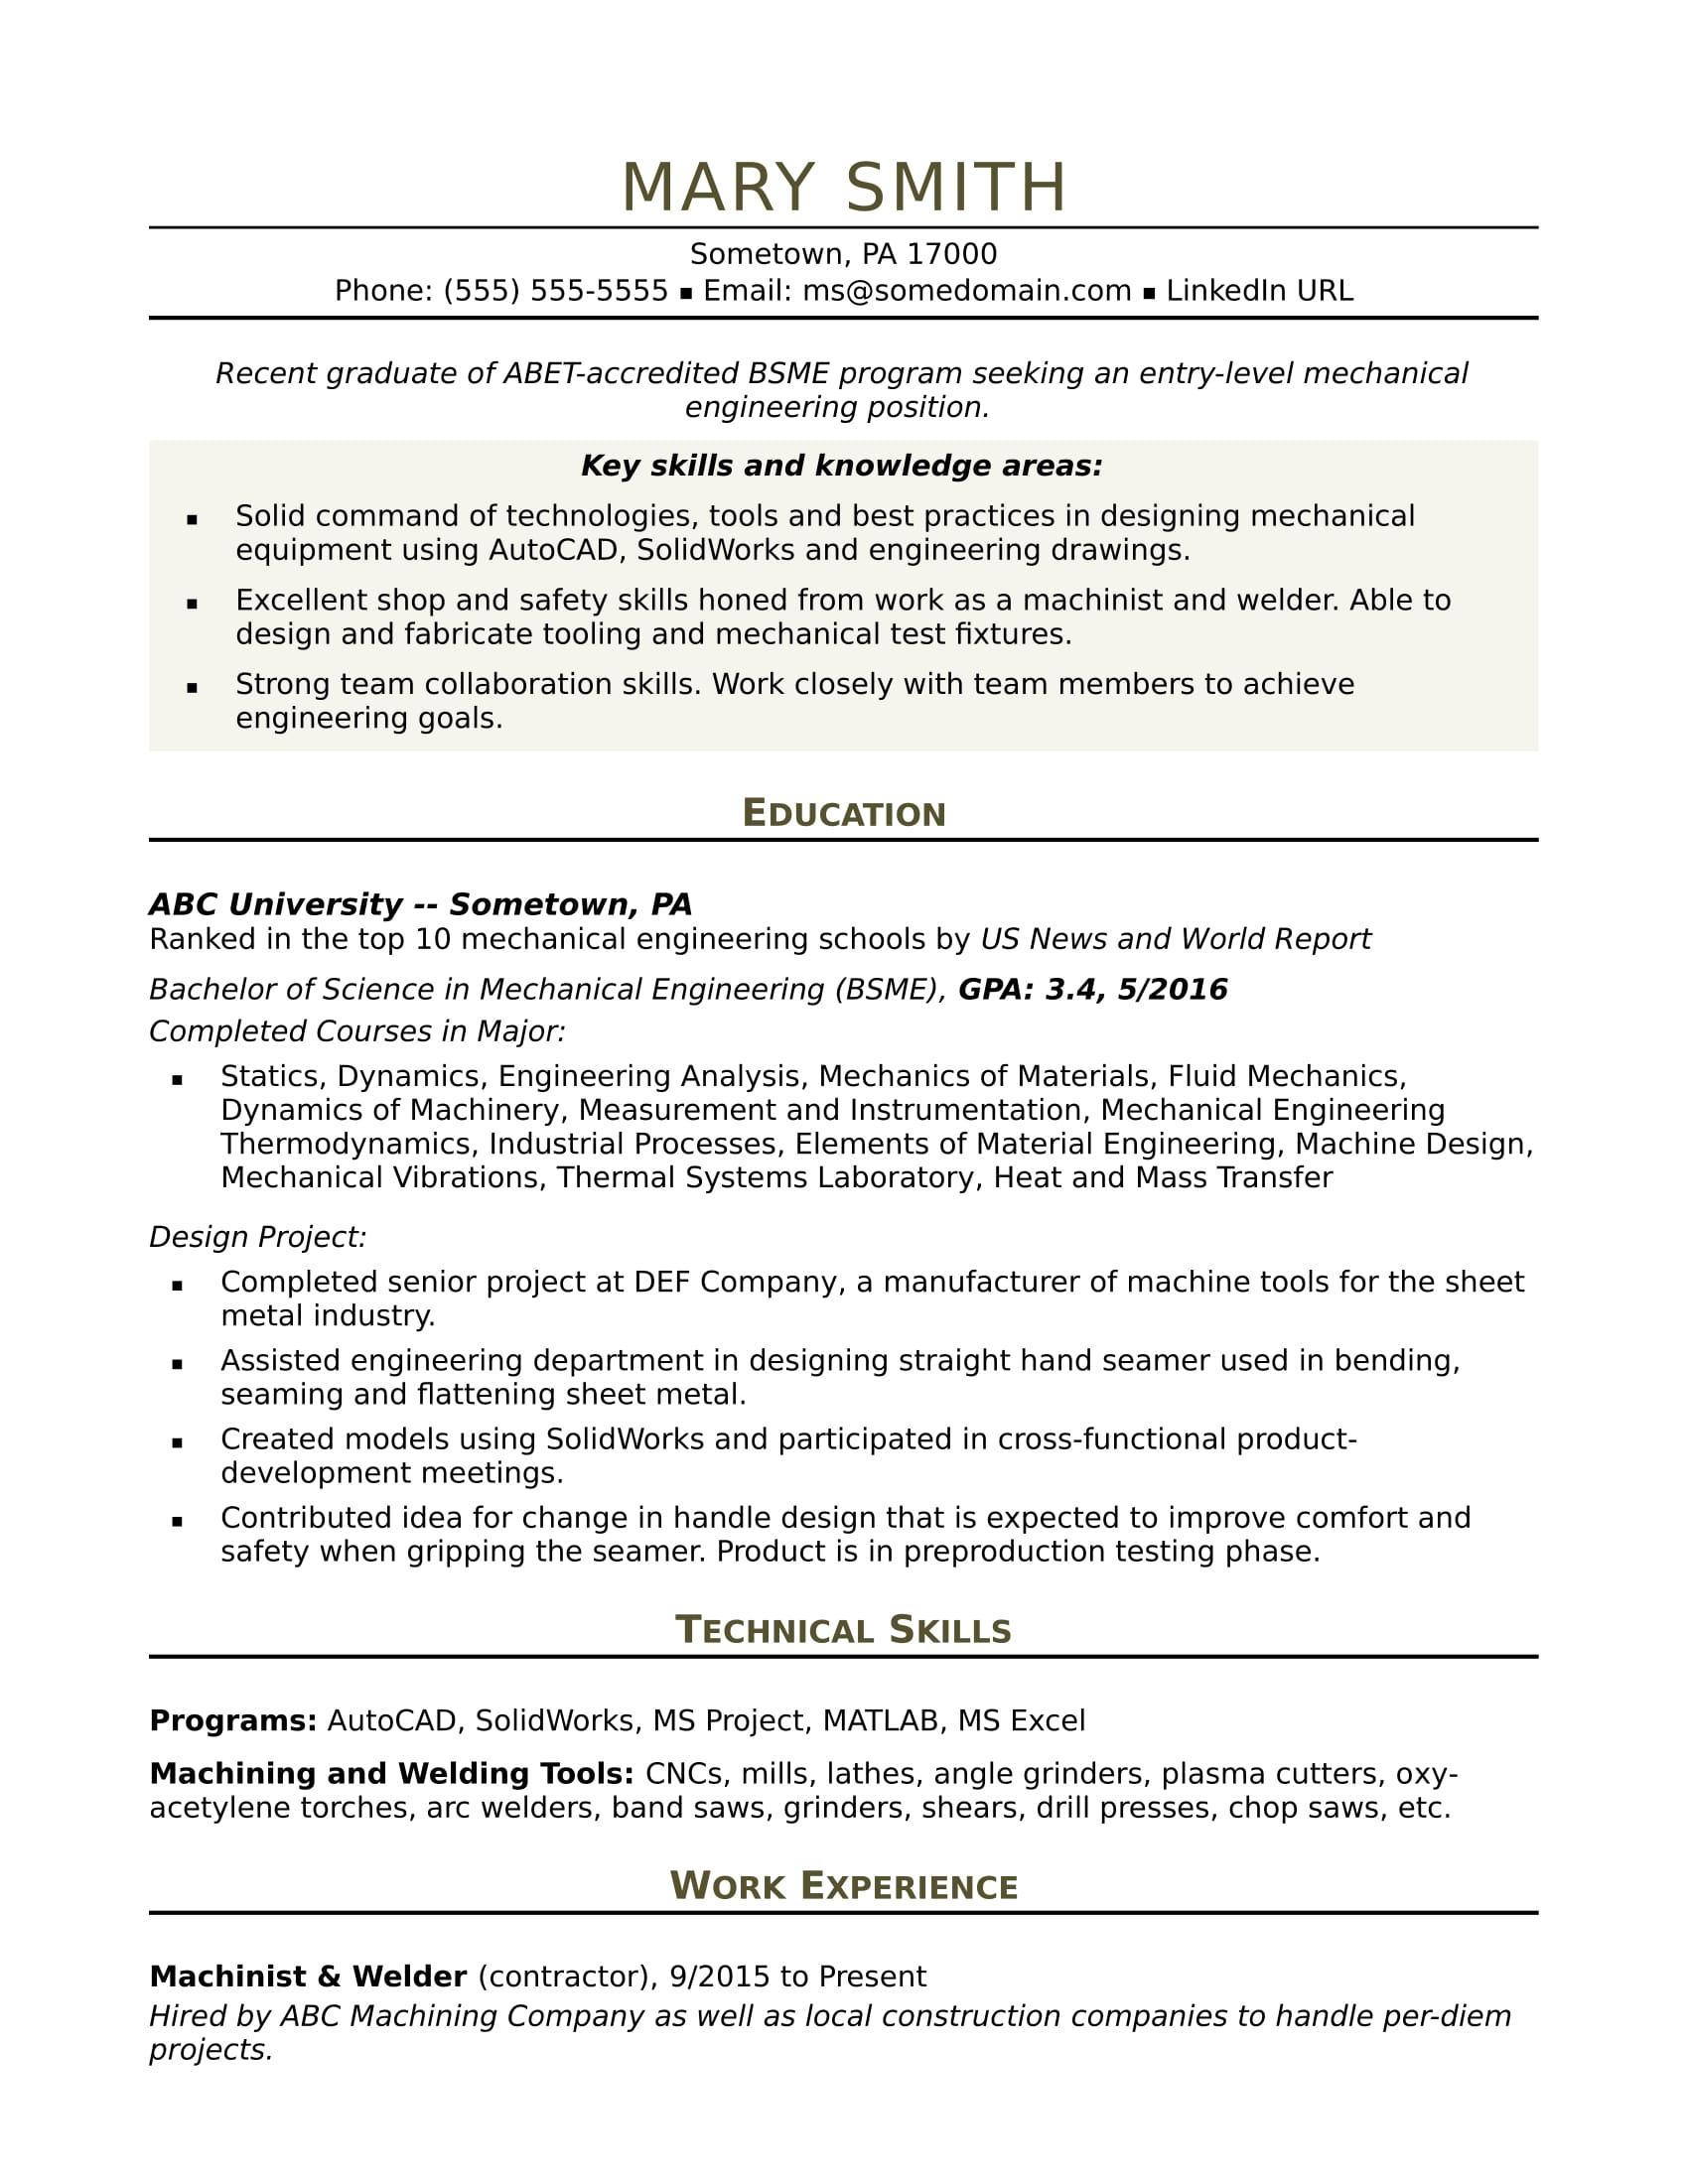 Sample Resume For An EntryLevel Mechanical Engineer  Monstercom